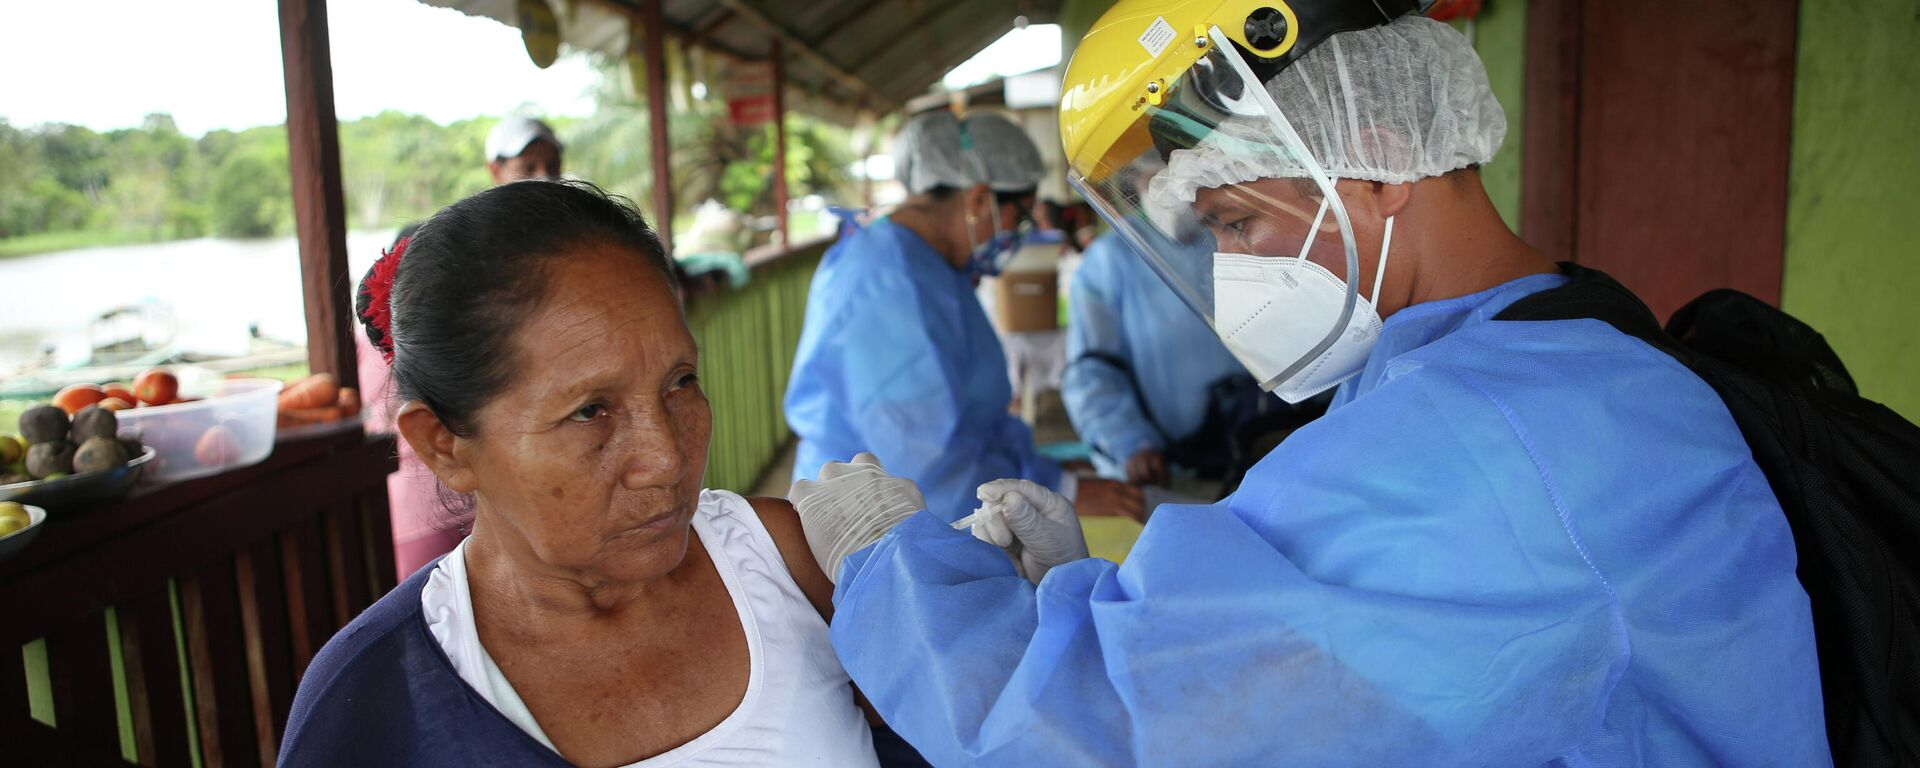 Vacunación contra COVID-19 en Iquitos, Perú - Sputnik Mundo, 1920, 17.06.2021